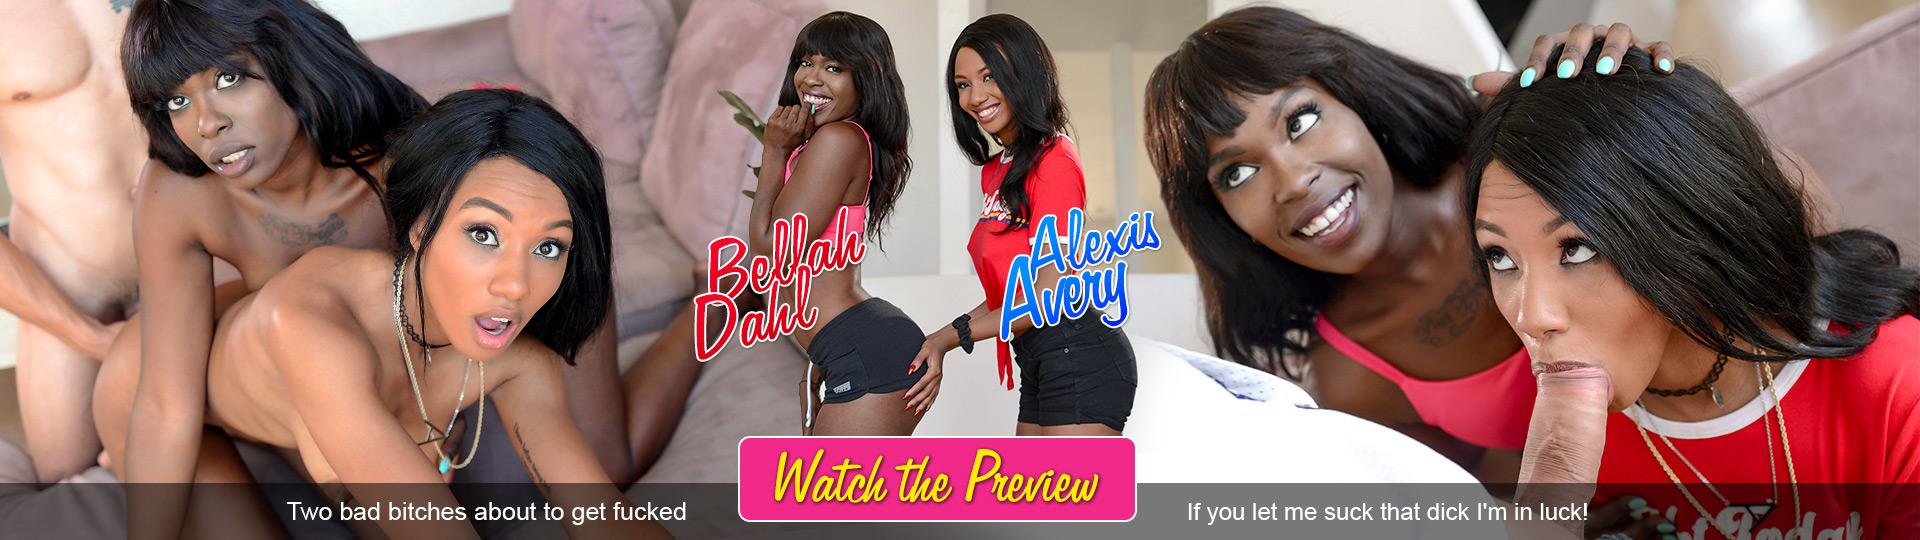 Γαμώ ebony babes ανοιχτό κόλπο εικόνες